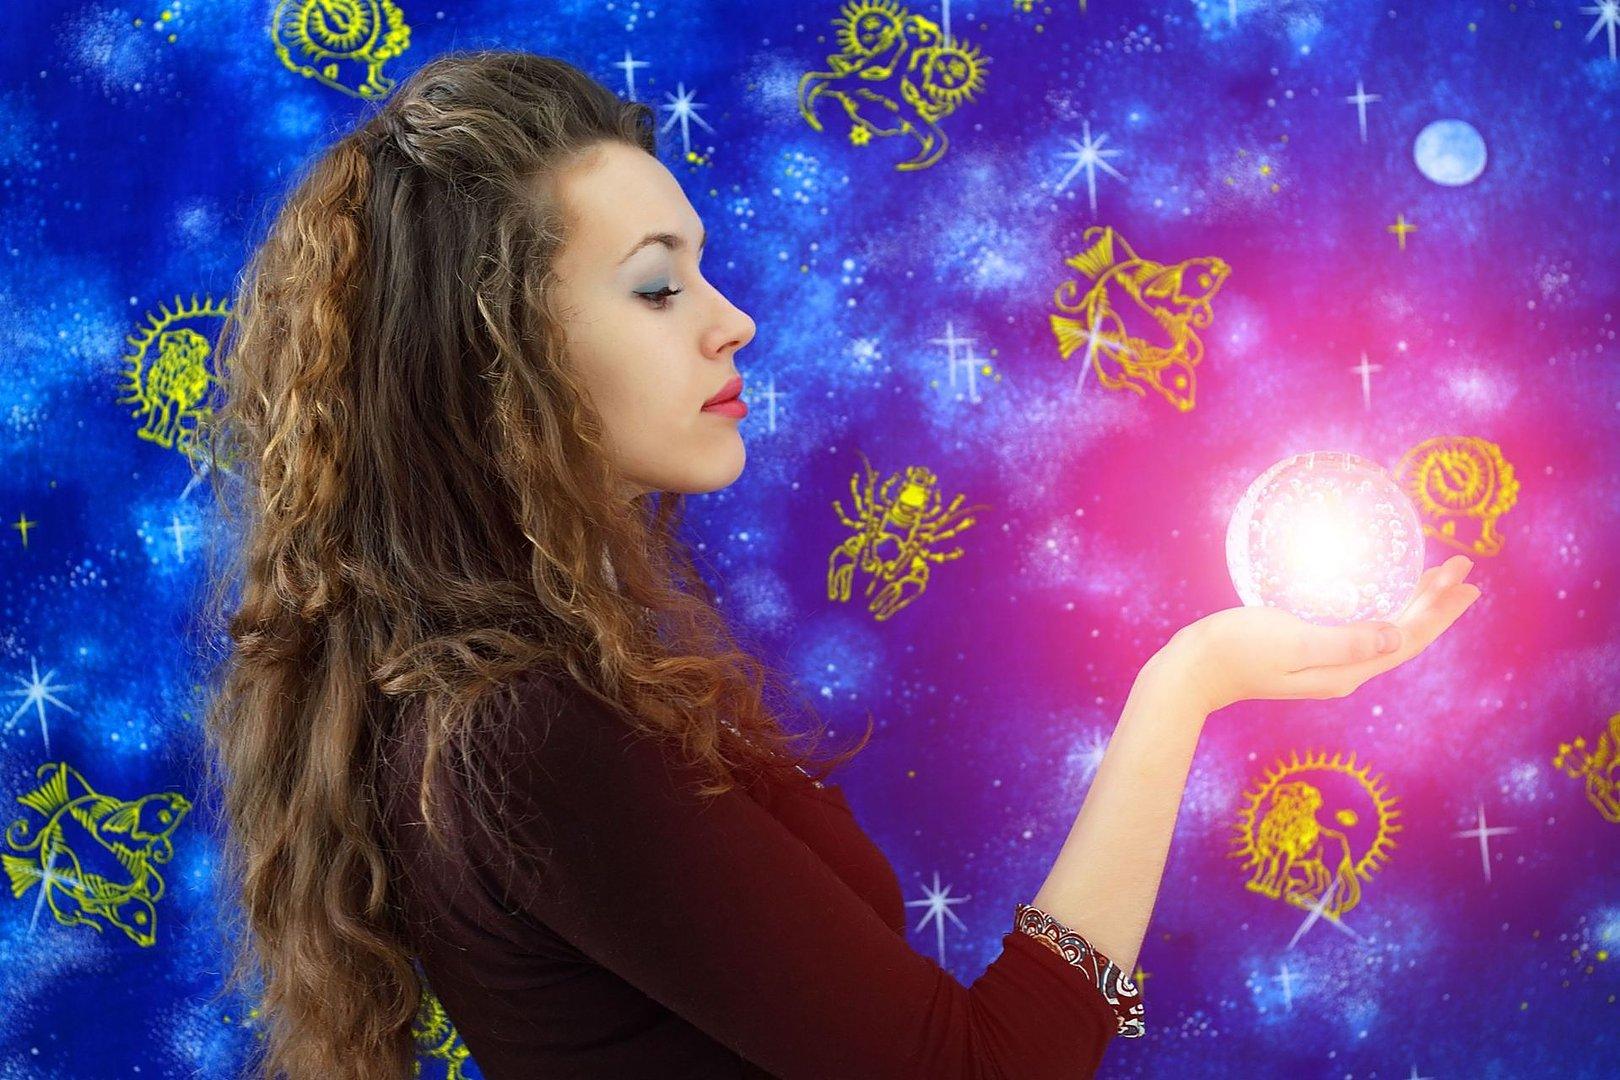 картинки магического характера самостоятельному